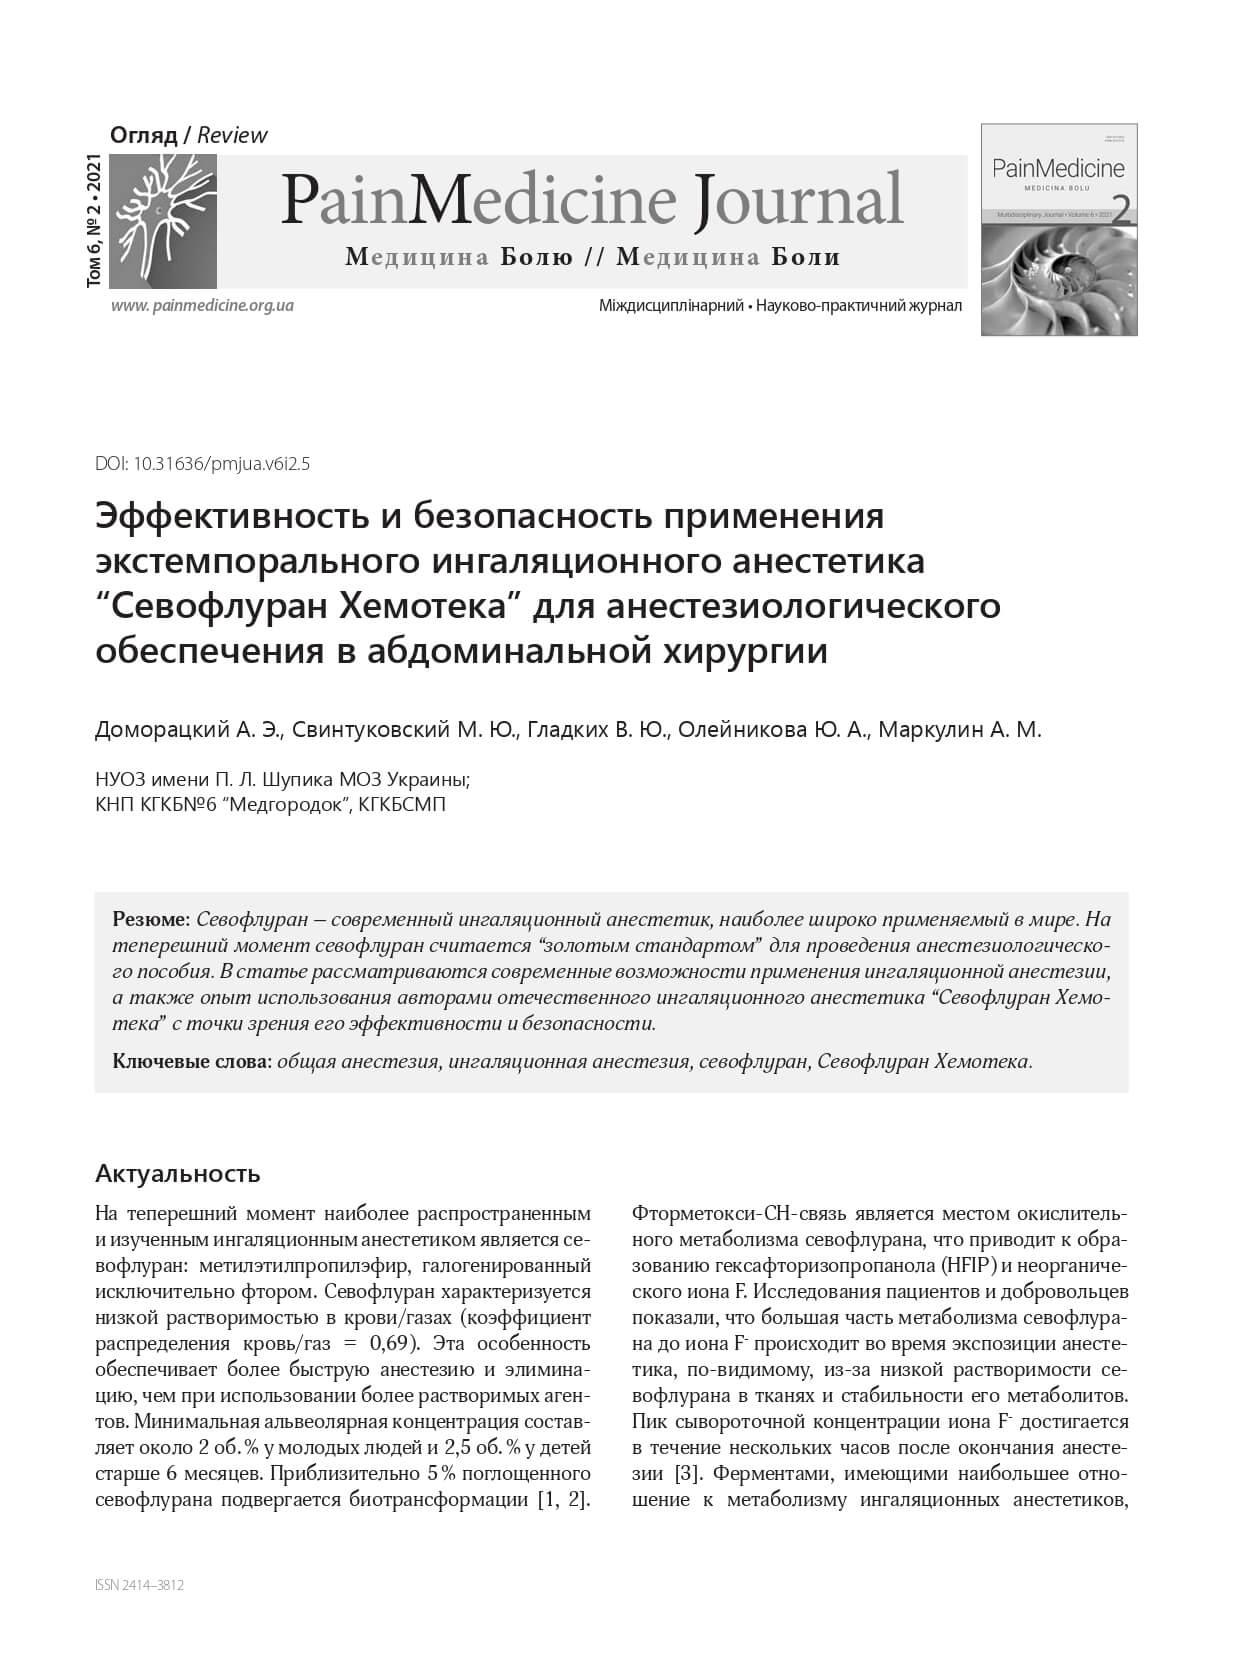 """Эффективность и безопасность применения  экстемпорального ингаляционного анестетика  """"Севофлуран Хемотека"""" для анестезиологического  обеспечения в абдоминальной хирургии"""